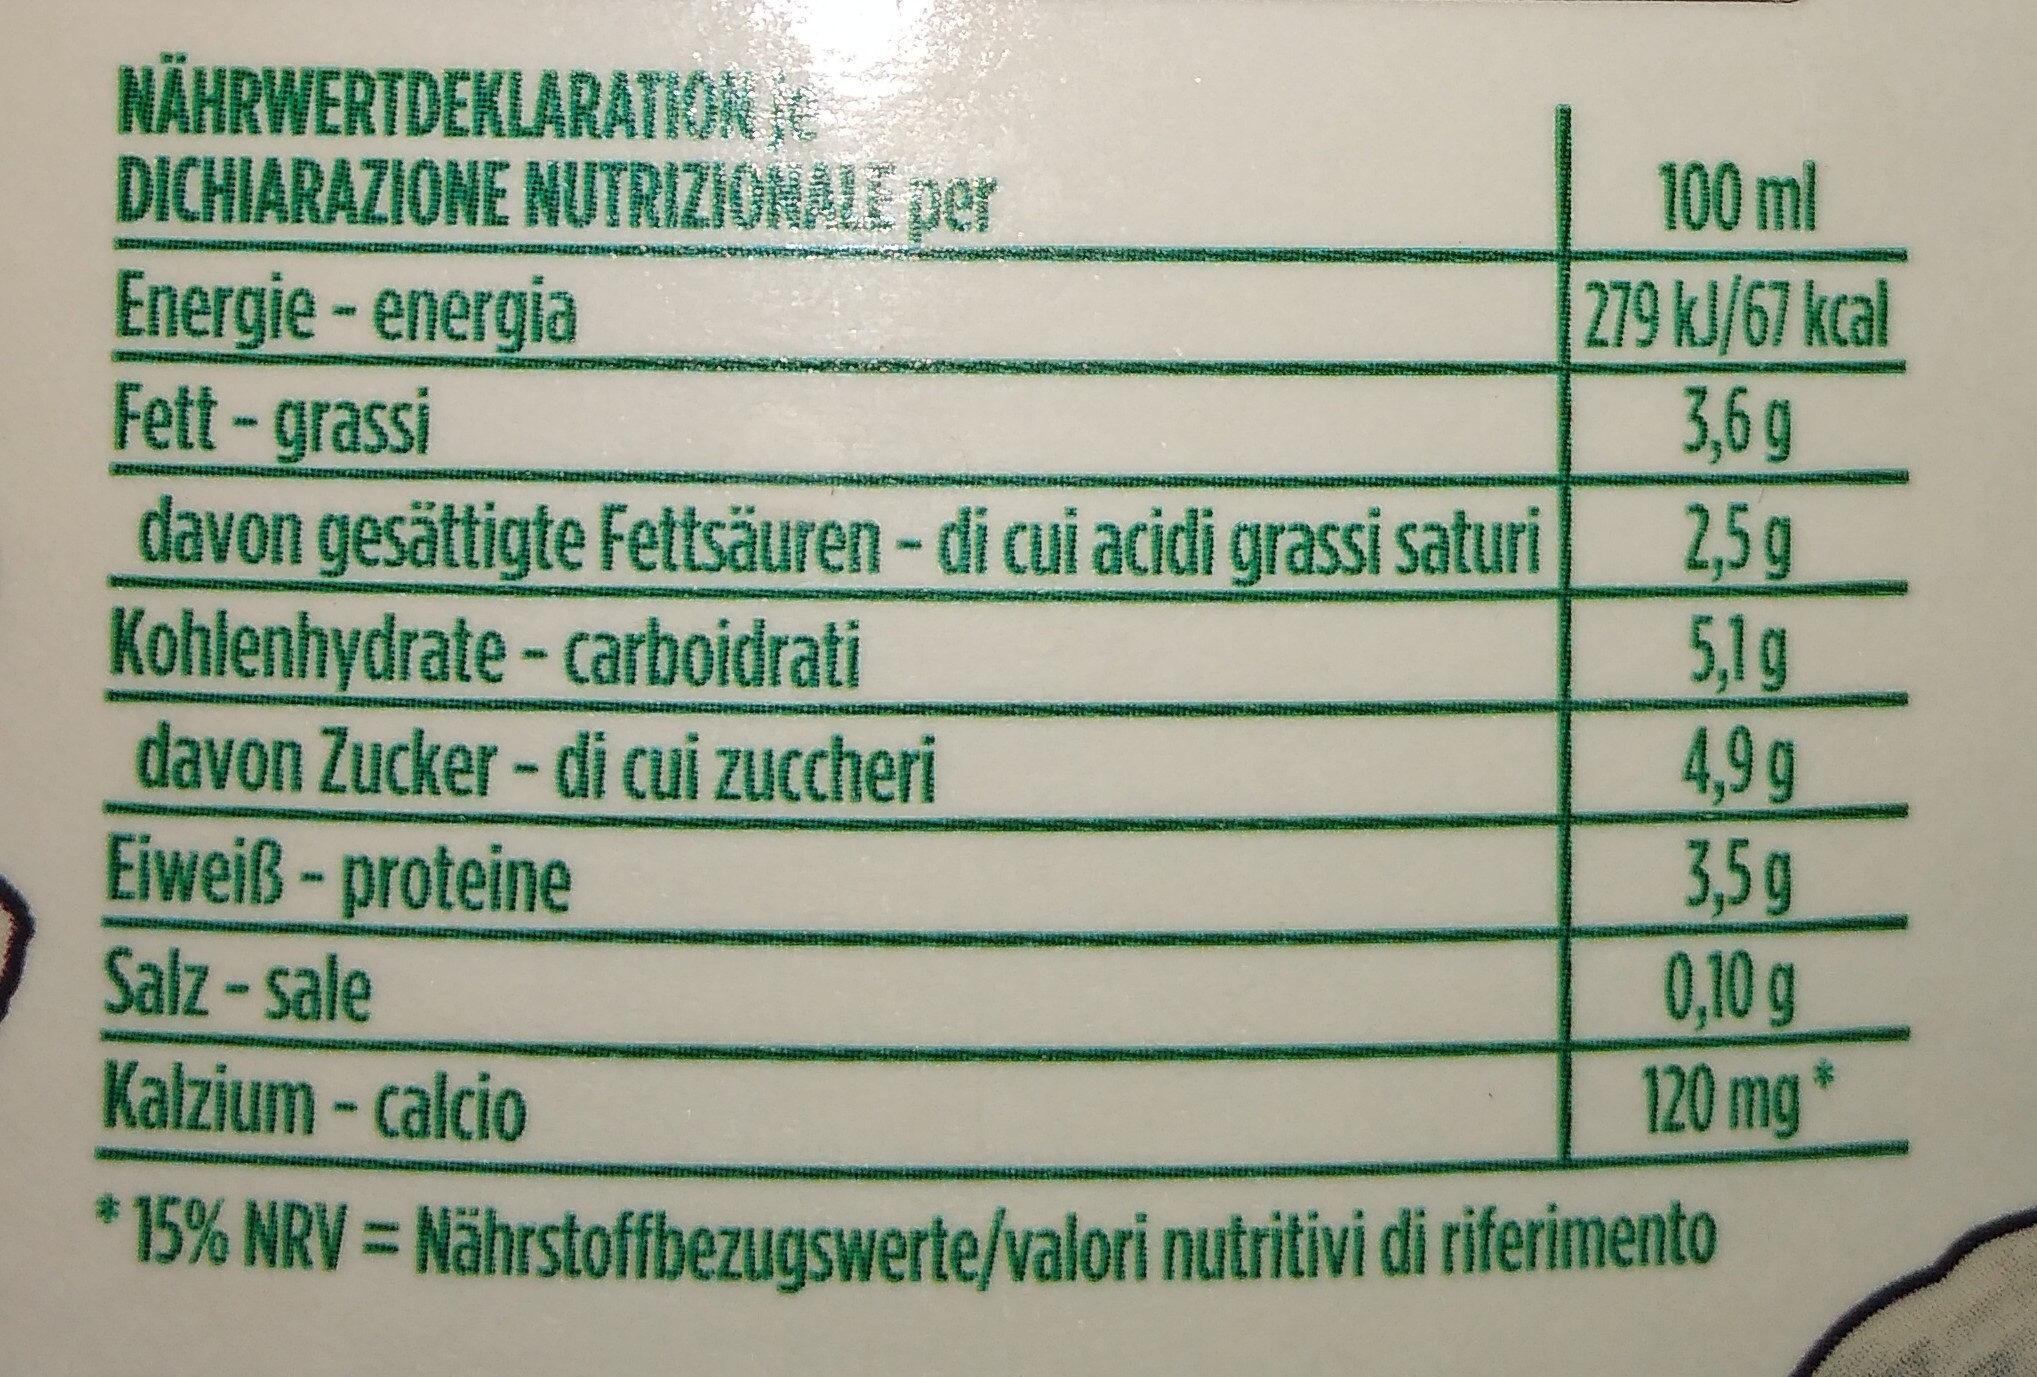 Latte fieno fresco di montagna intero - Valori nutrizionali - it